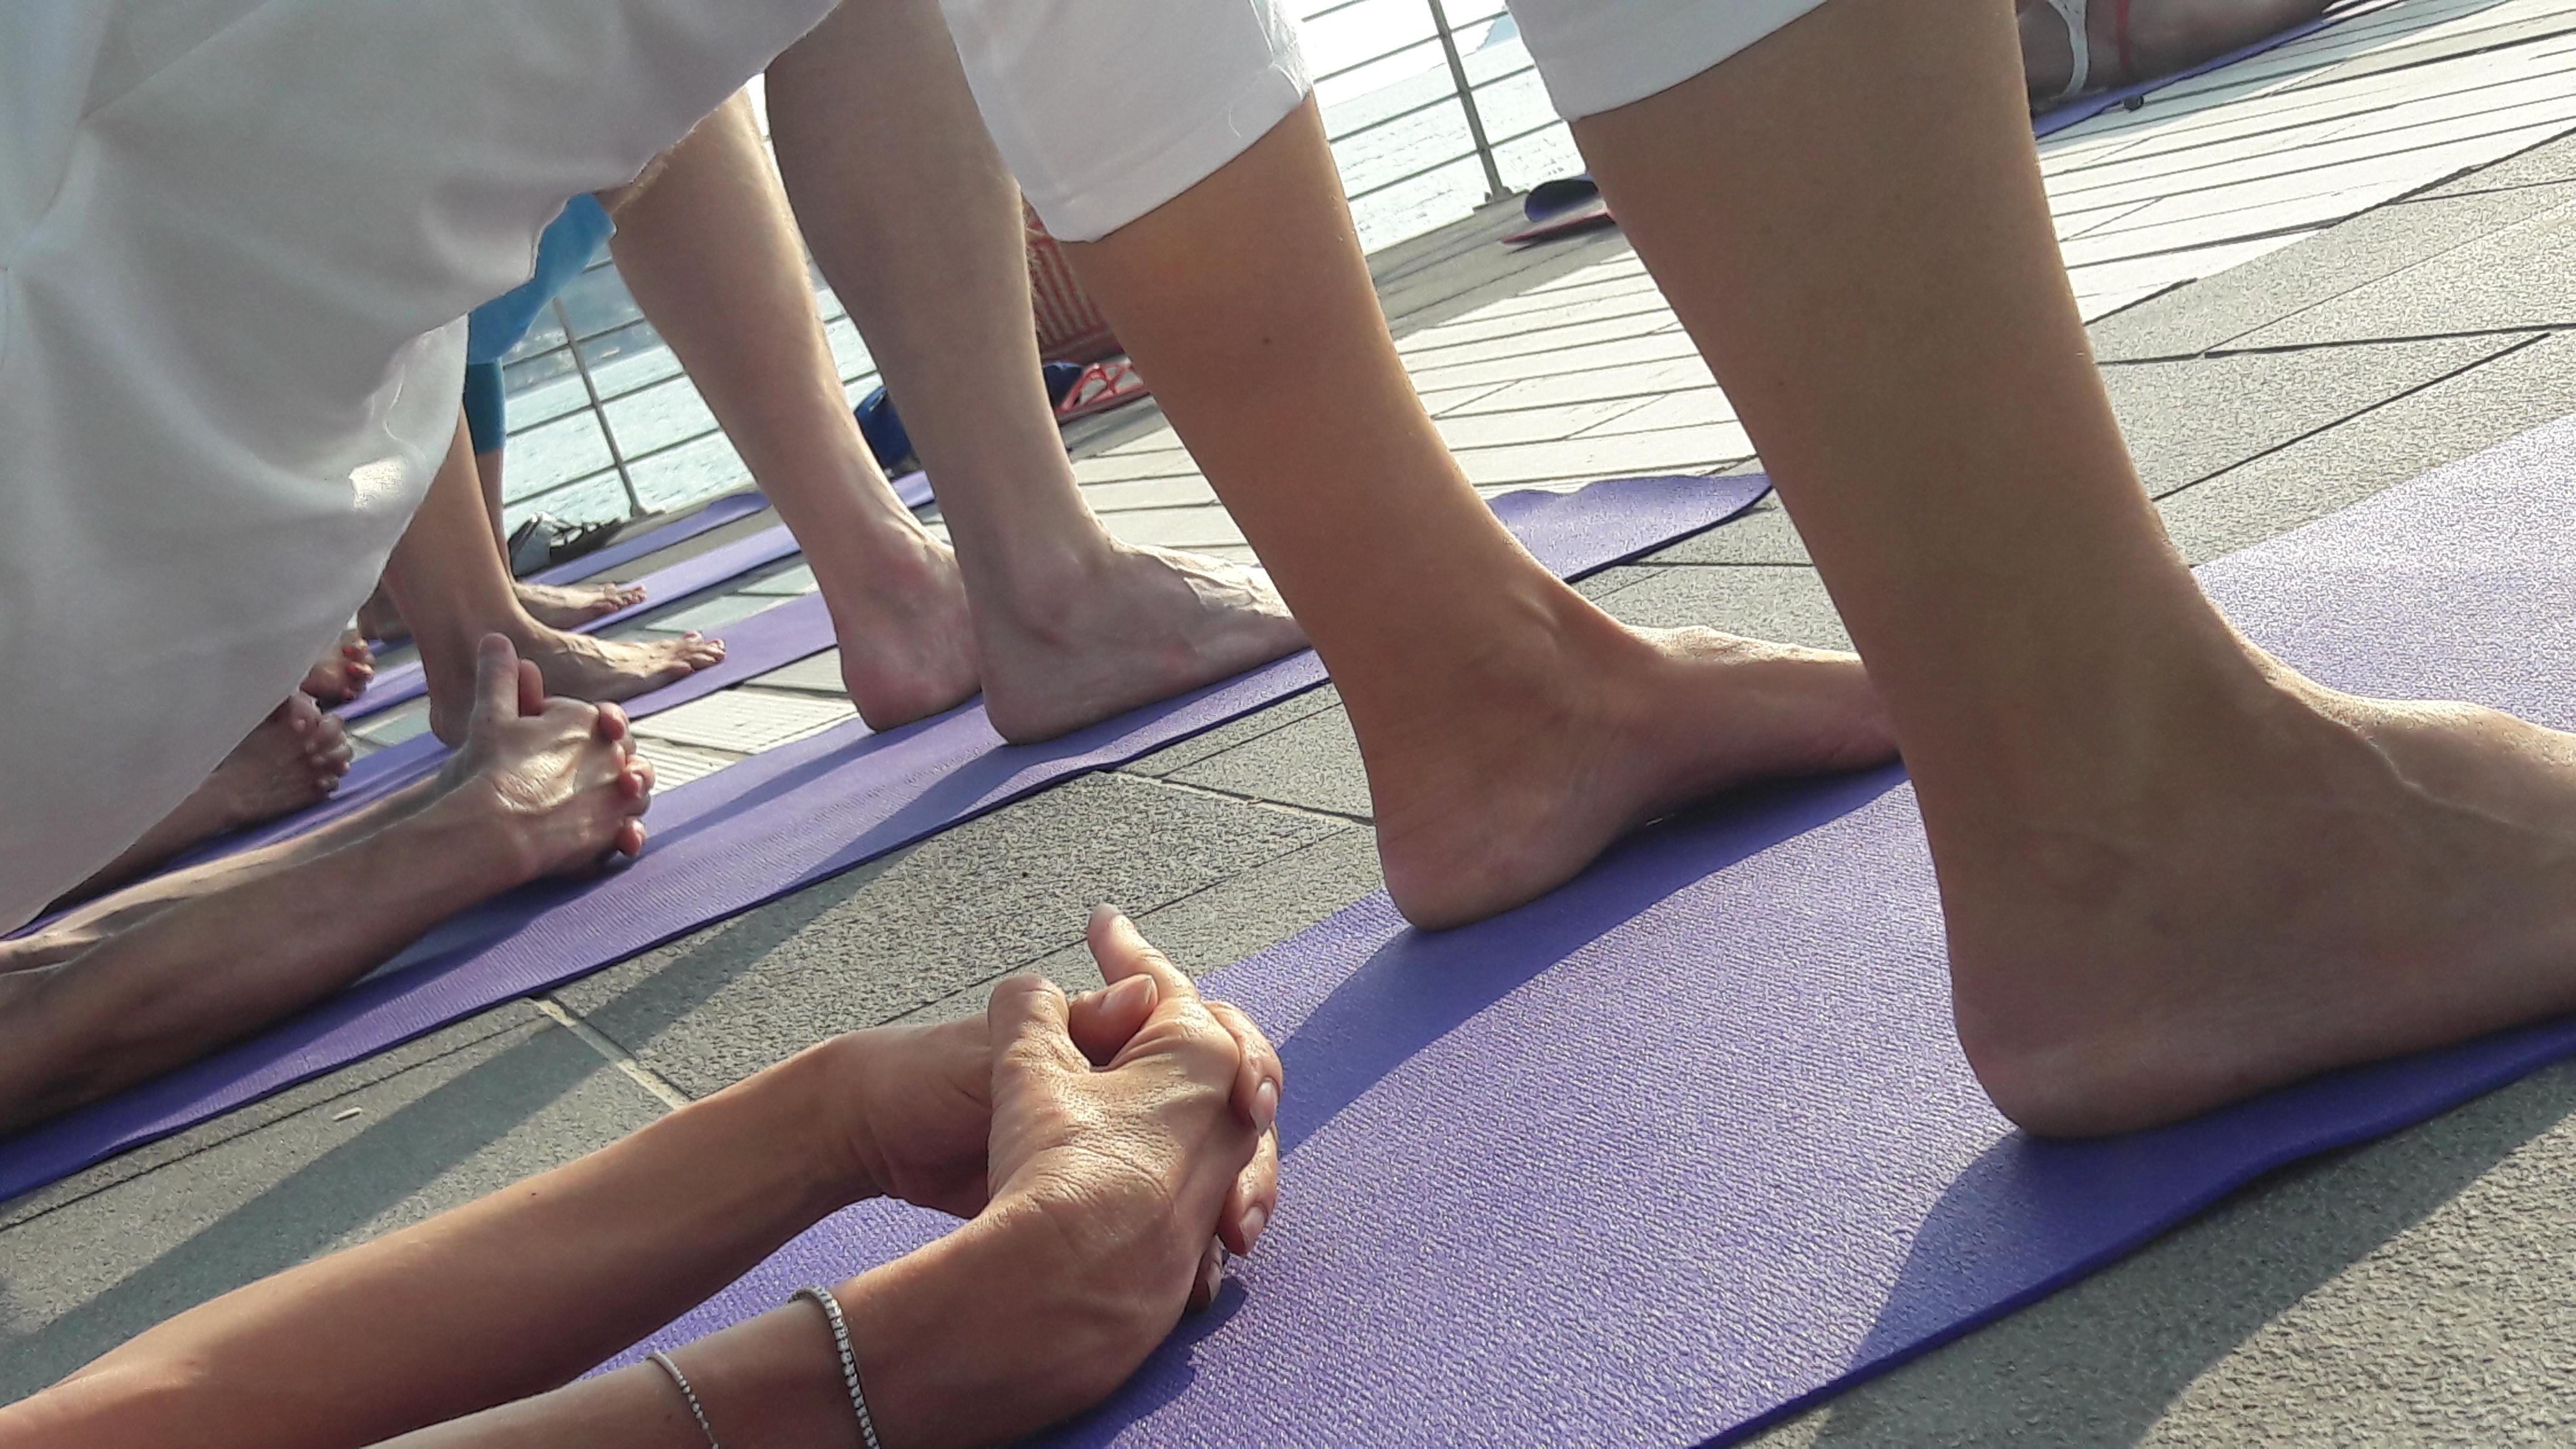 1_essere-free-yoga-gratuito-benessere-per-tutti-village-citta-alassio-estate-lucia-ragazzi-summer-town-wellness-034